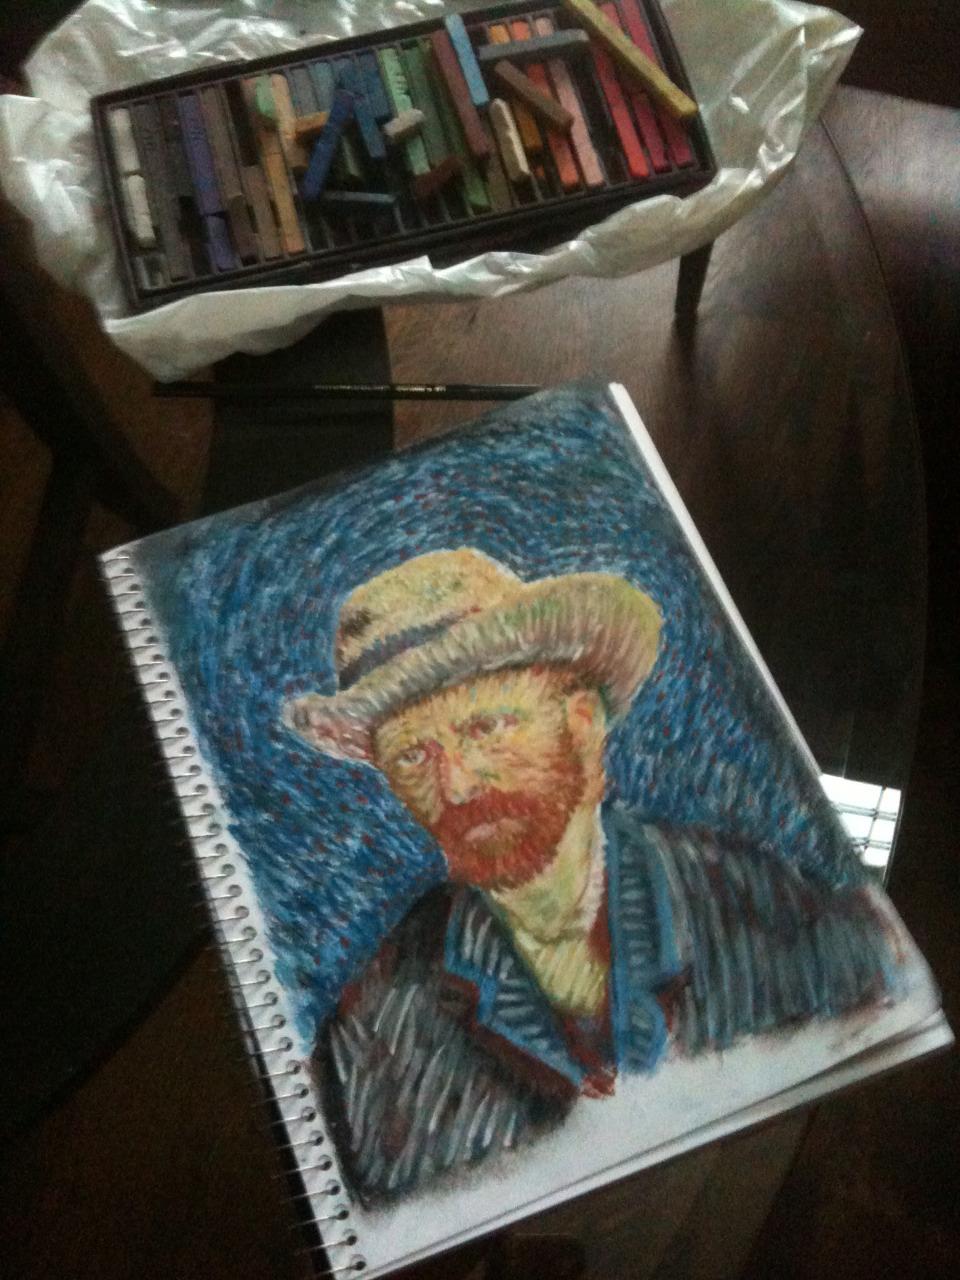 ゴッホの自画像をまねた五十嵐の絵